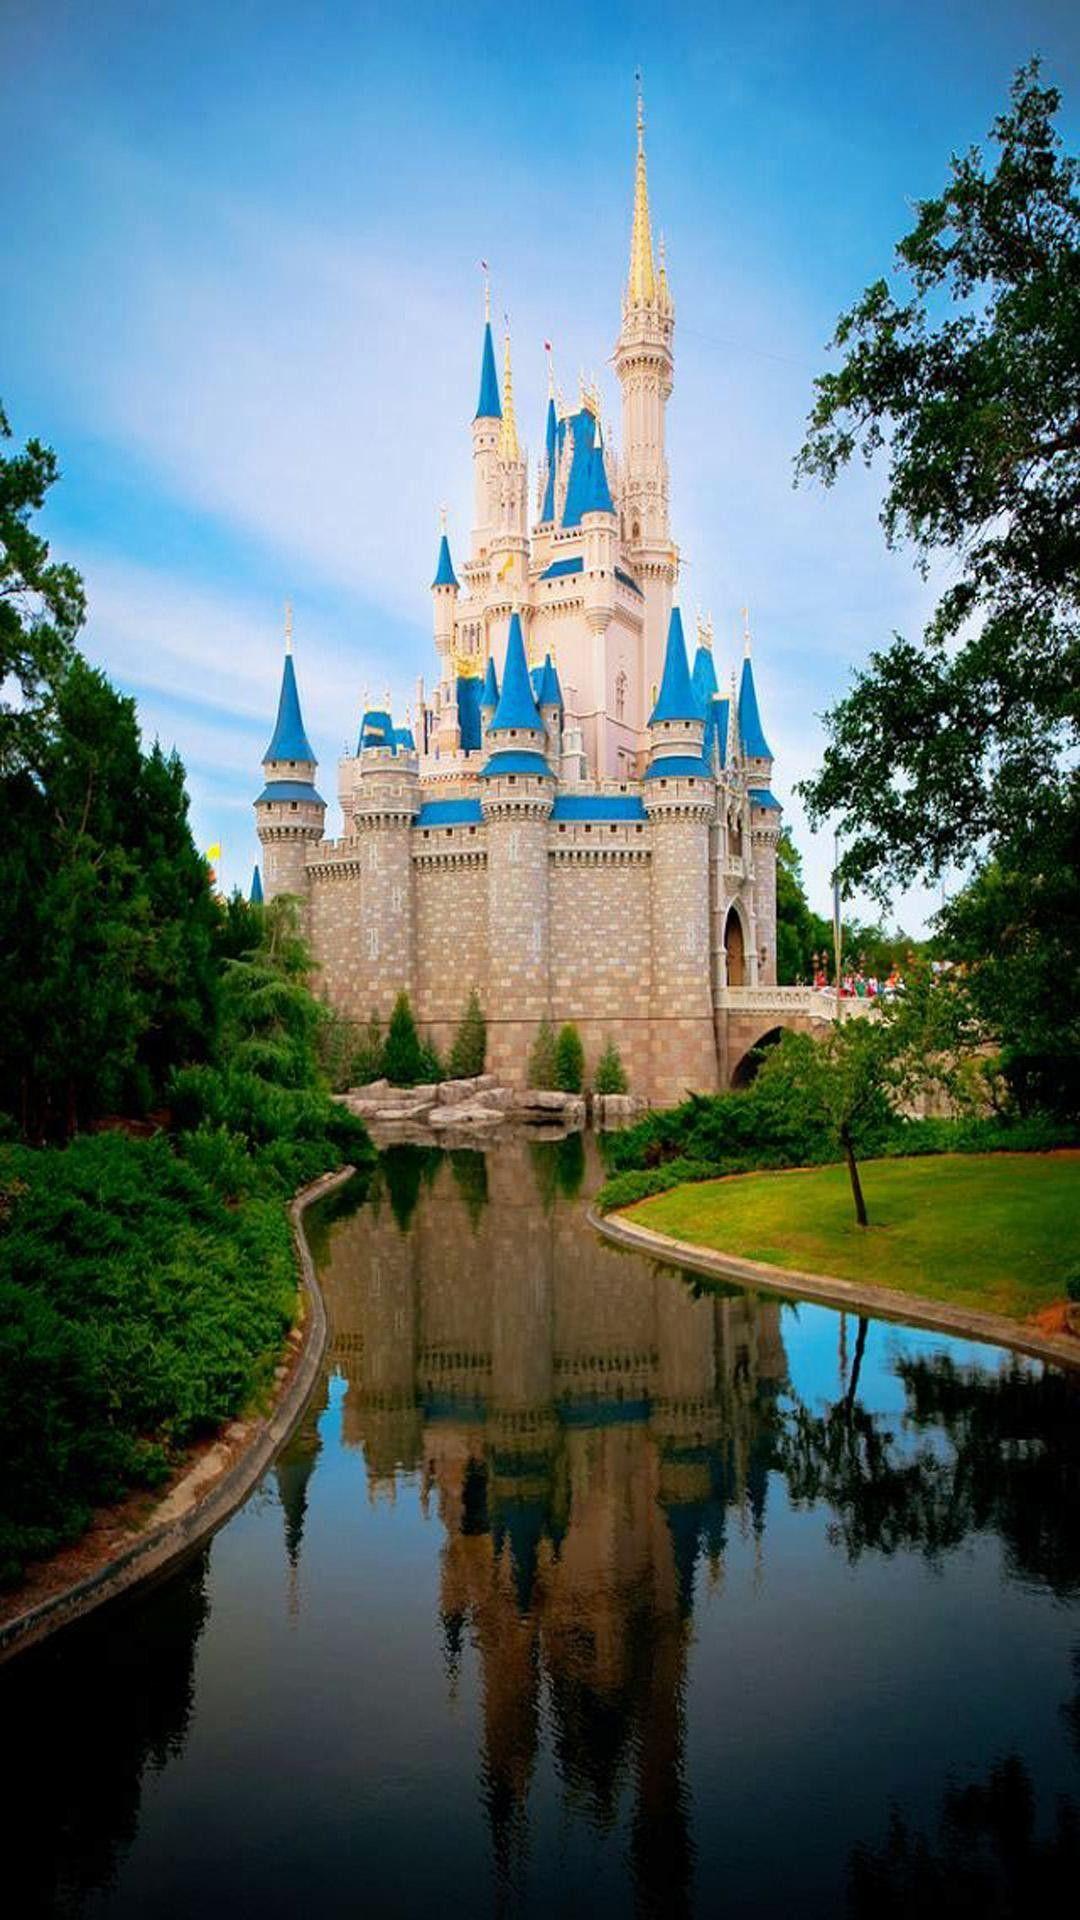 Cinderella Castle Halloween wallpaper iphone, Wallpaper